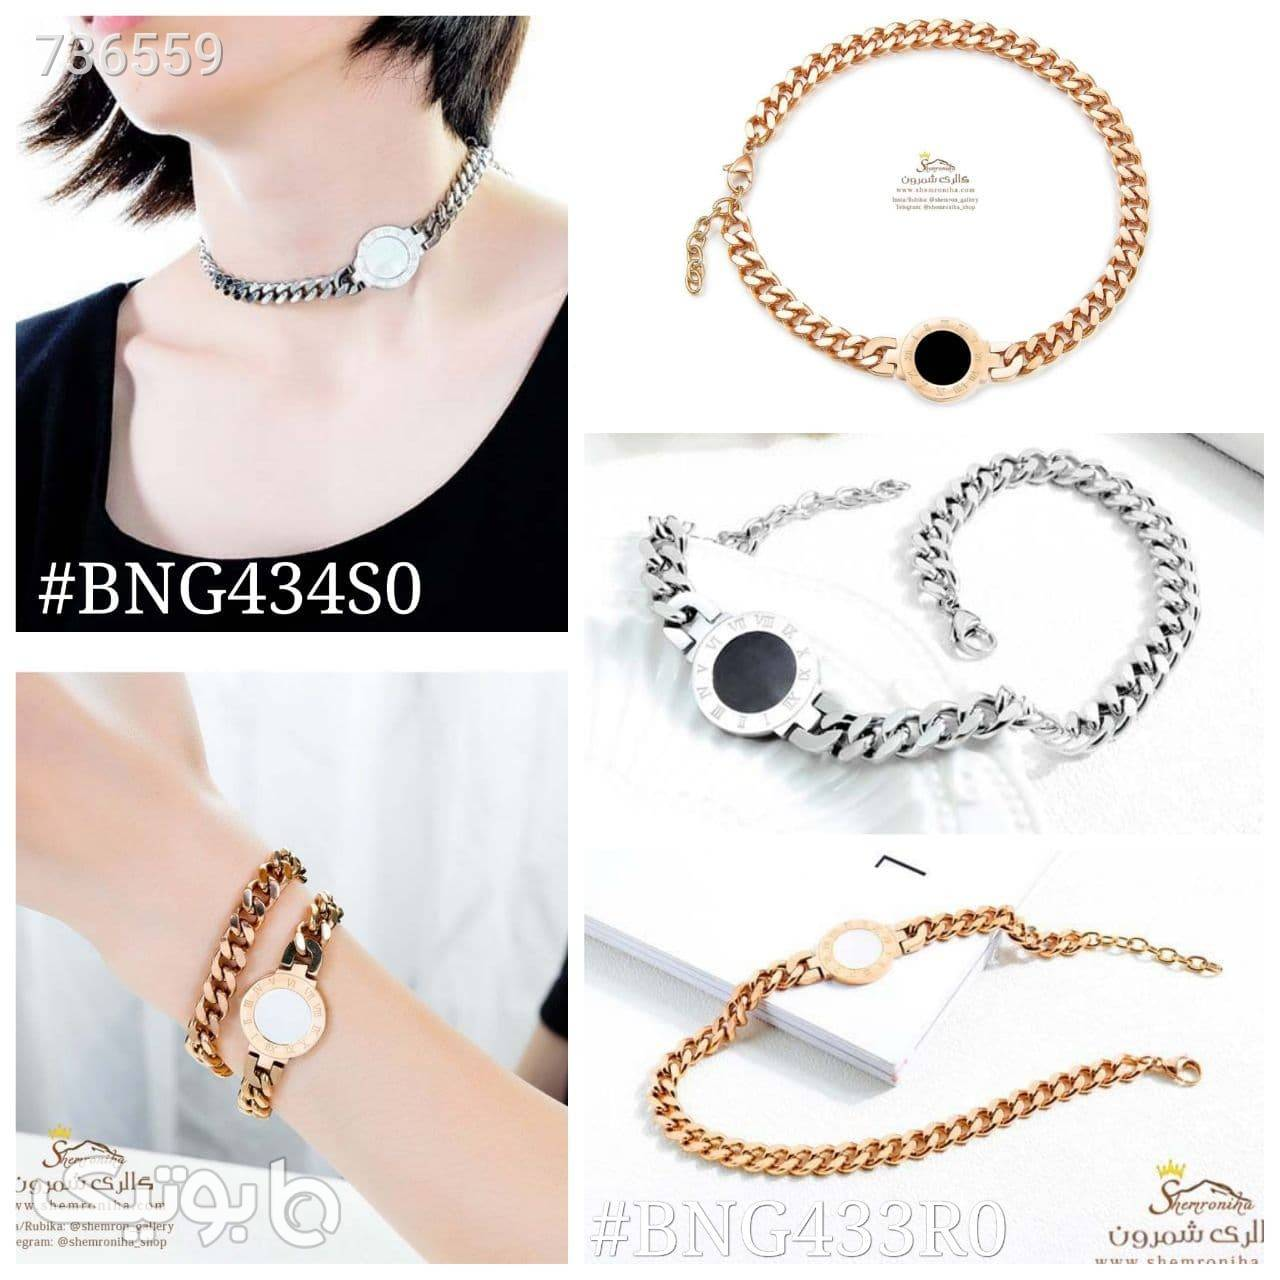 گردنبند و دستبند بولگاری رزگلد BNG433R0 نارنجی دستبند و پابند